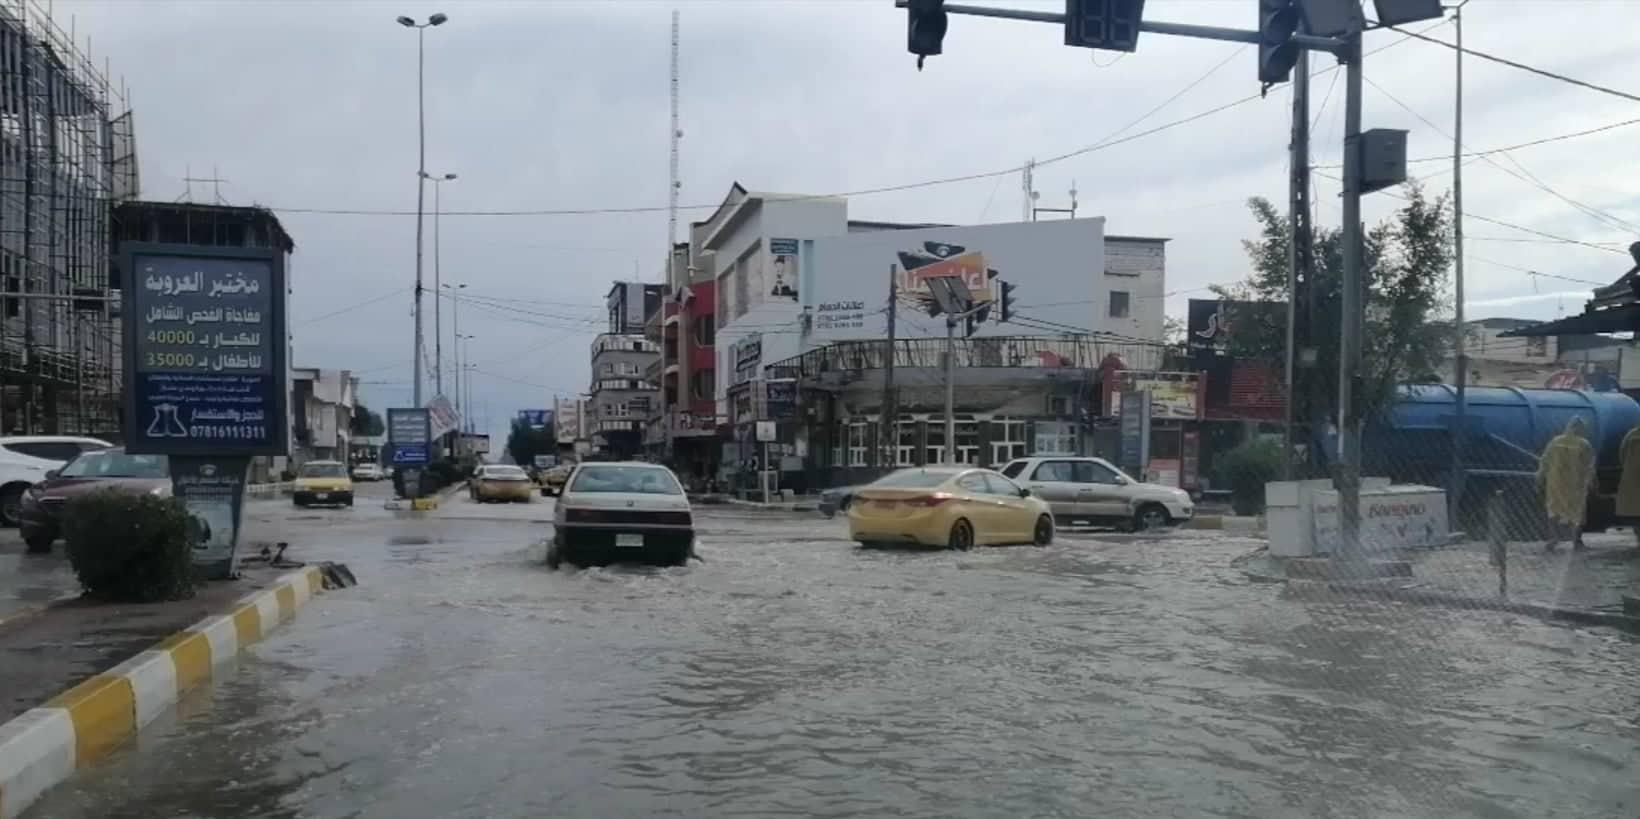 الديوانية تستفيق على فيضانات تغرق شوارعها وتعرقل حركة السير (صور)